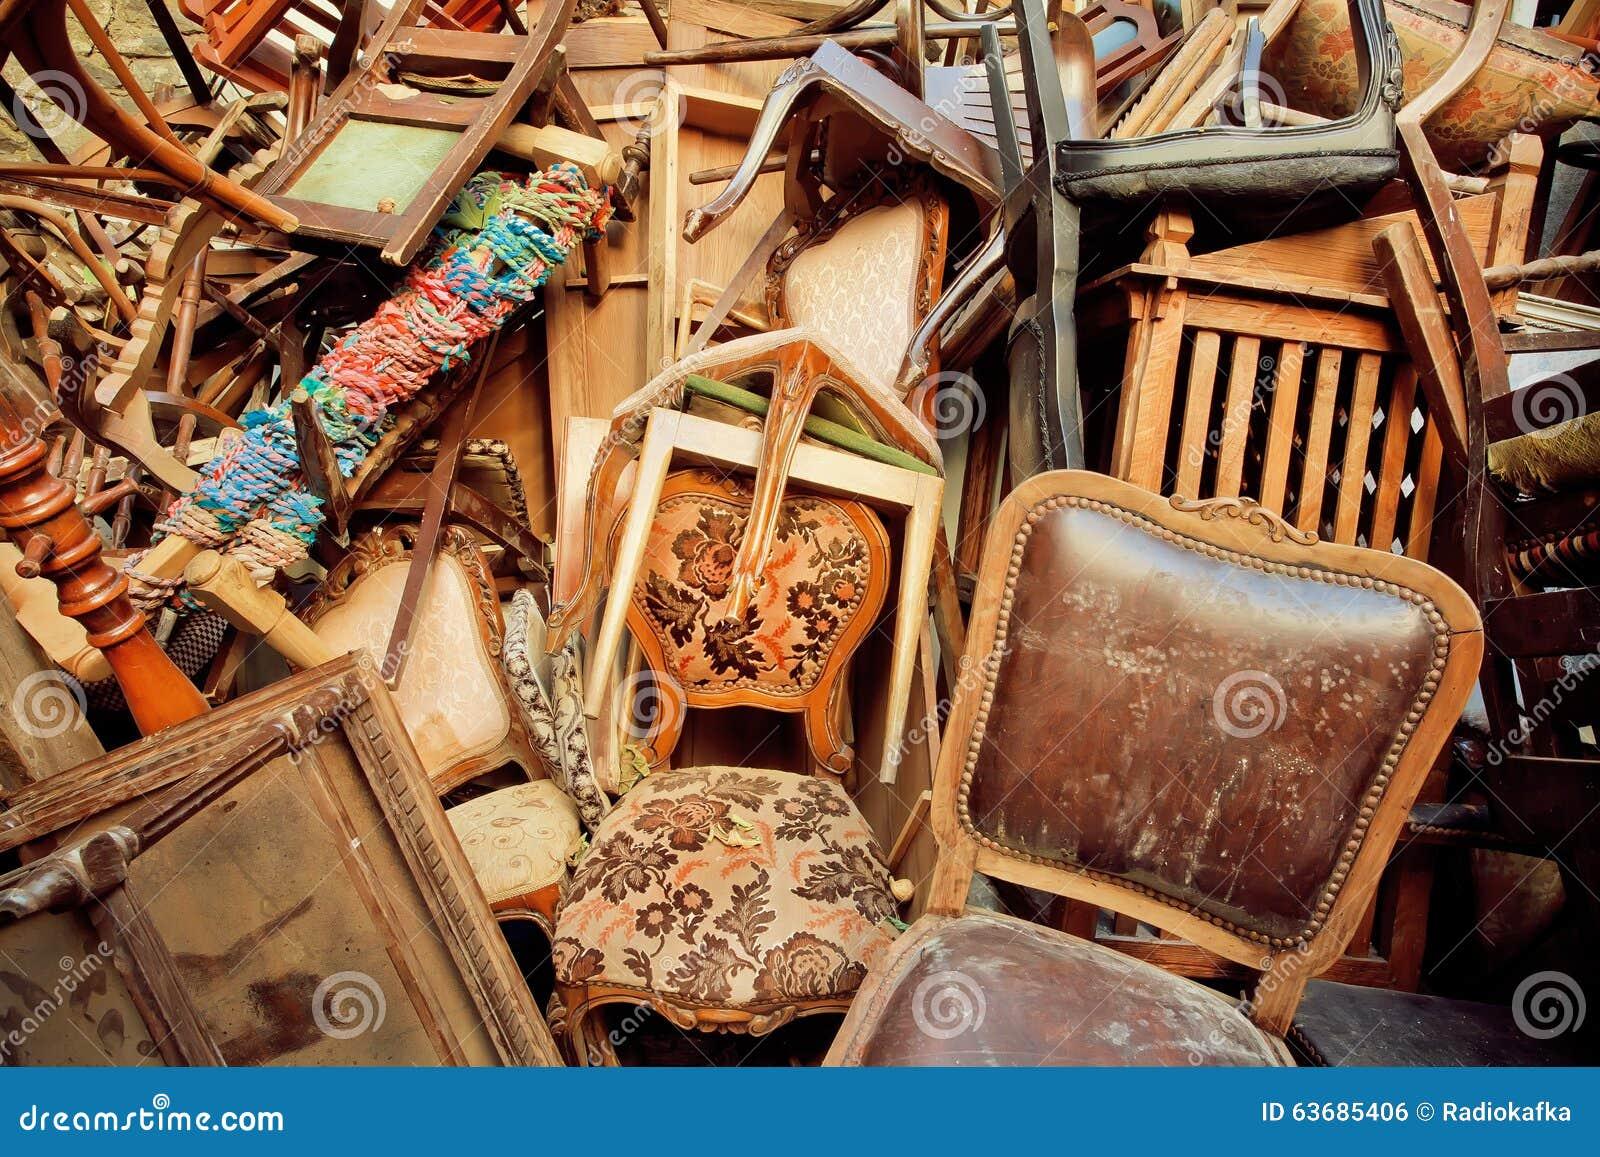 Muebles De Madera Del Vintage En Almacén De La Basura Del Mercado ...